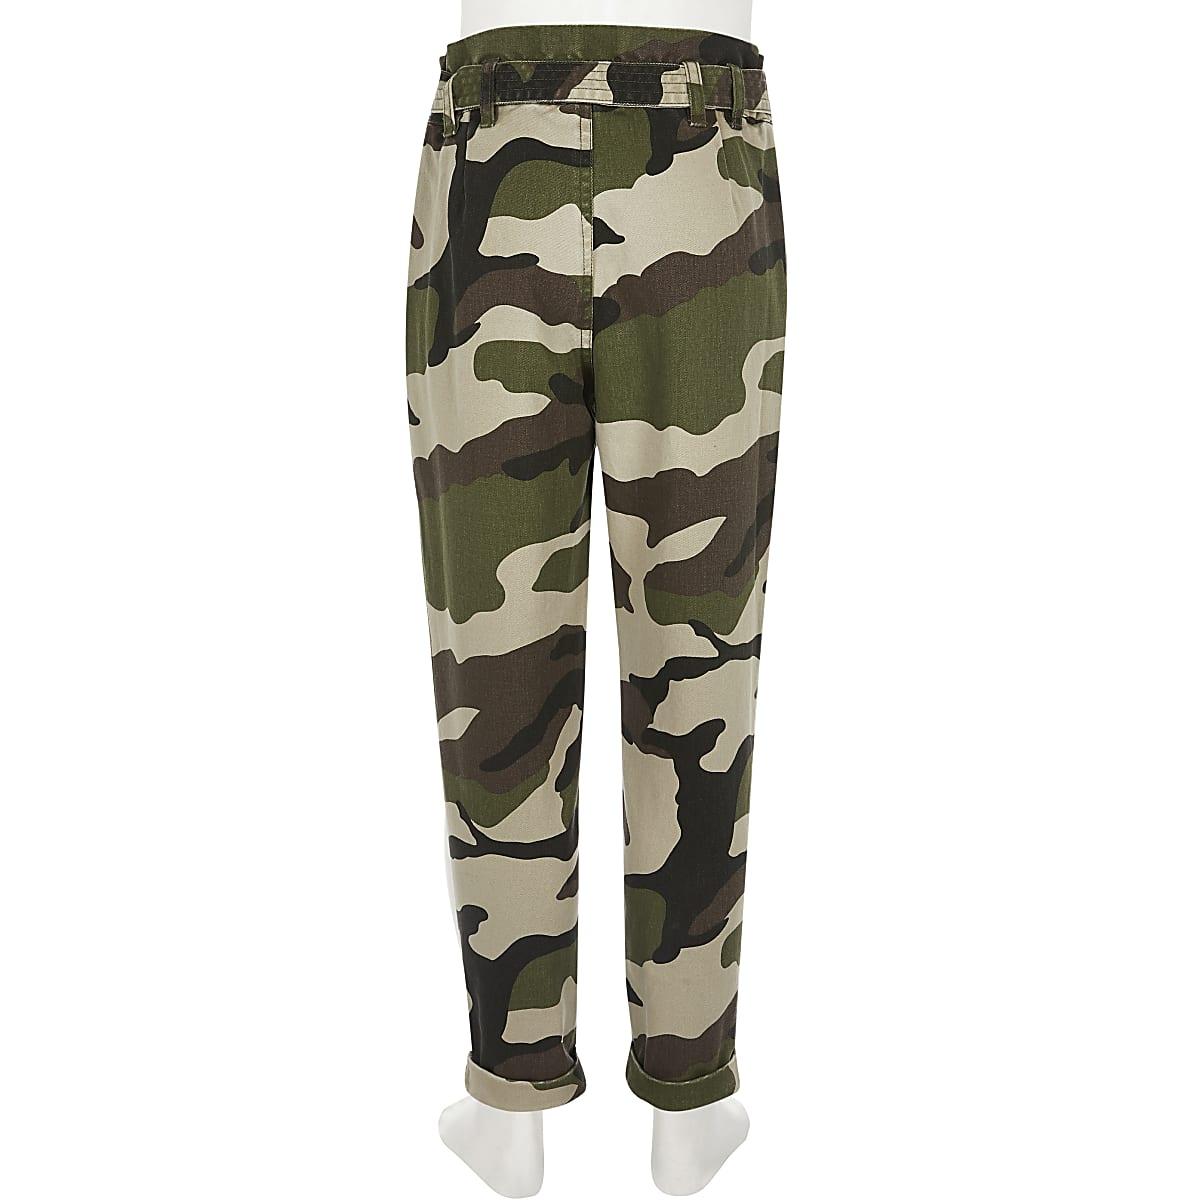 97d56b3569 Girls khaki camo cargo trousers